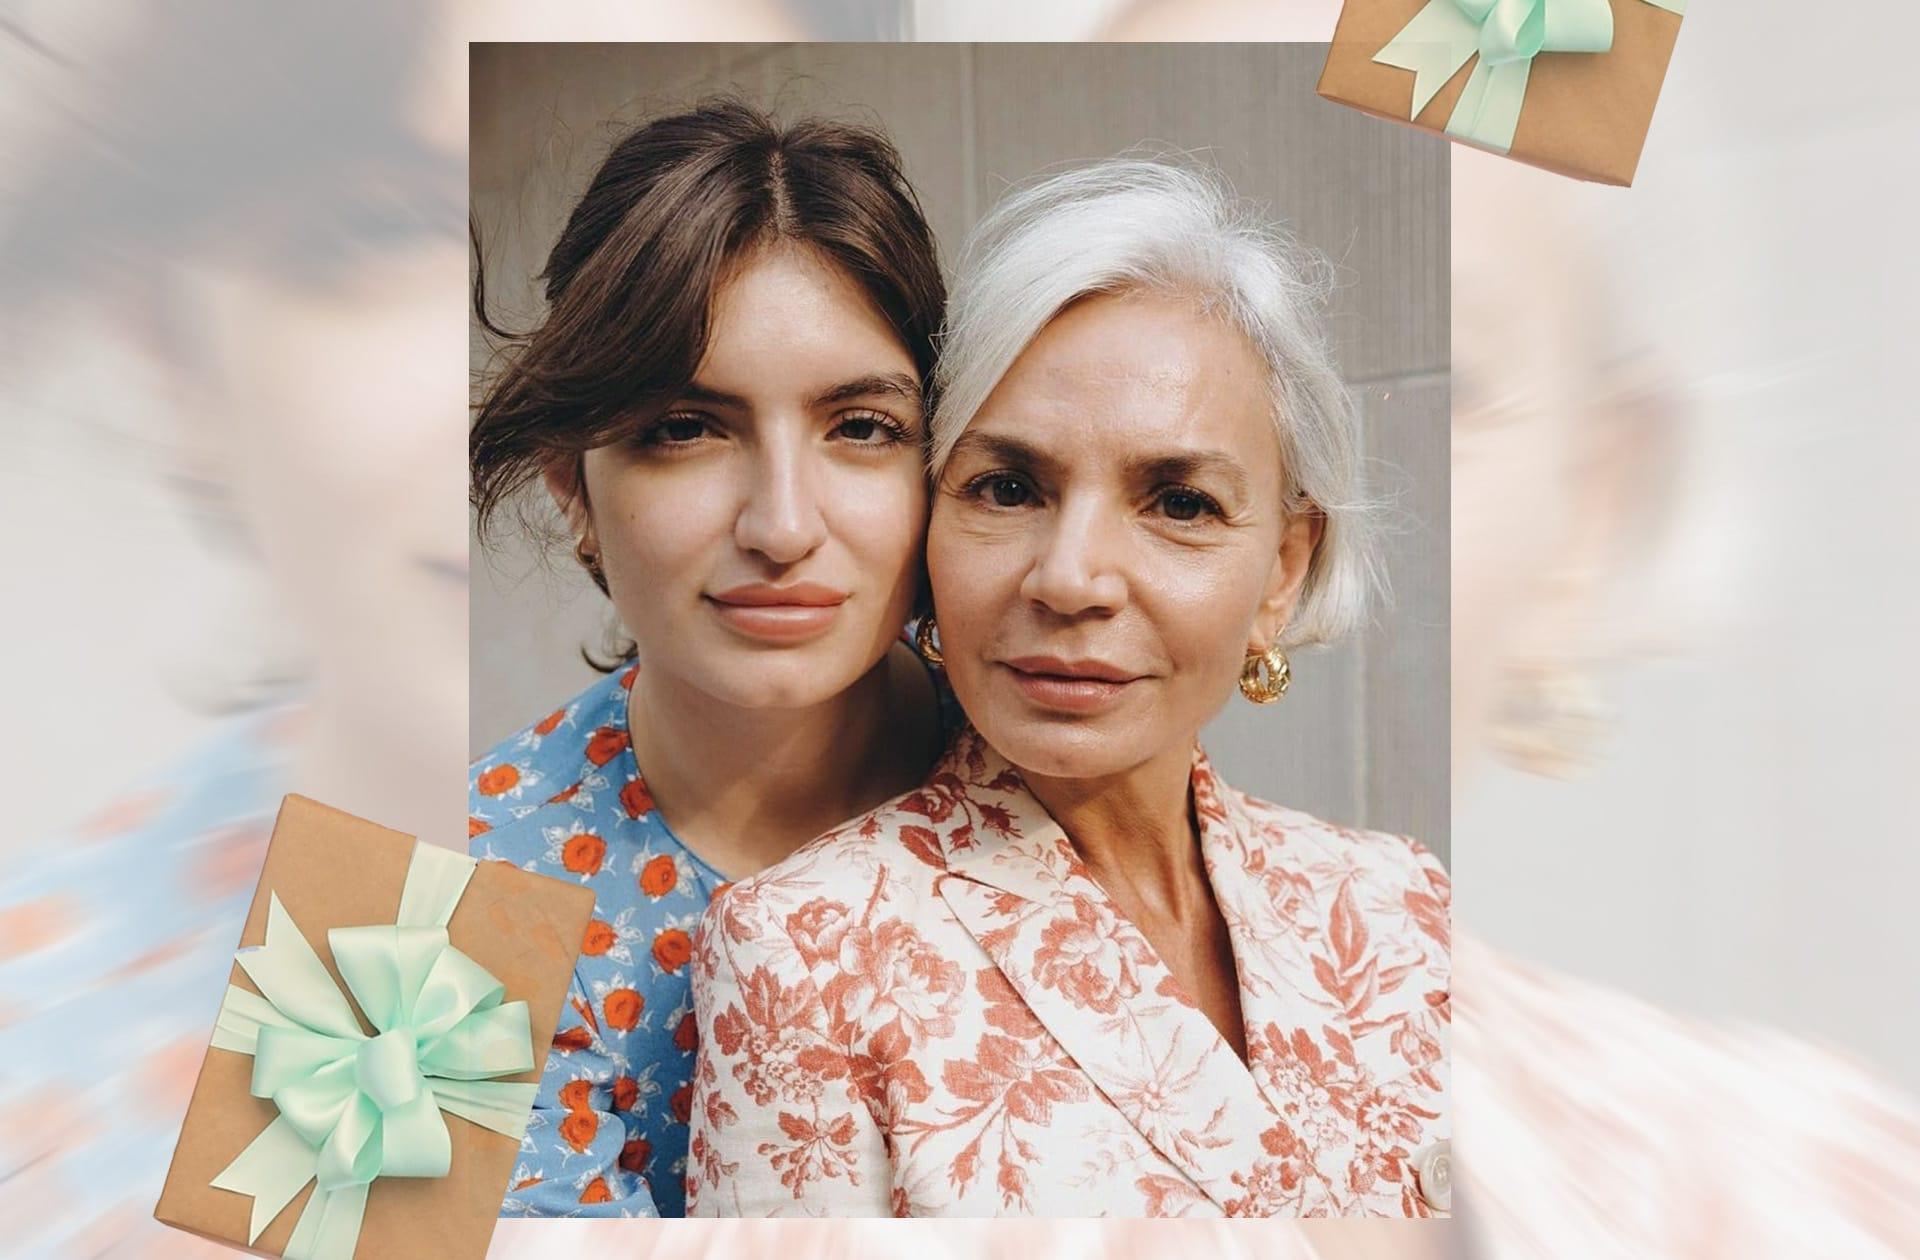 C'est bientôt la fête des grands-mères, voici 10 idées pour leur faire plaisir !